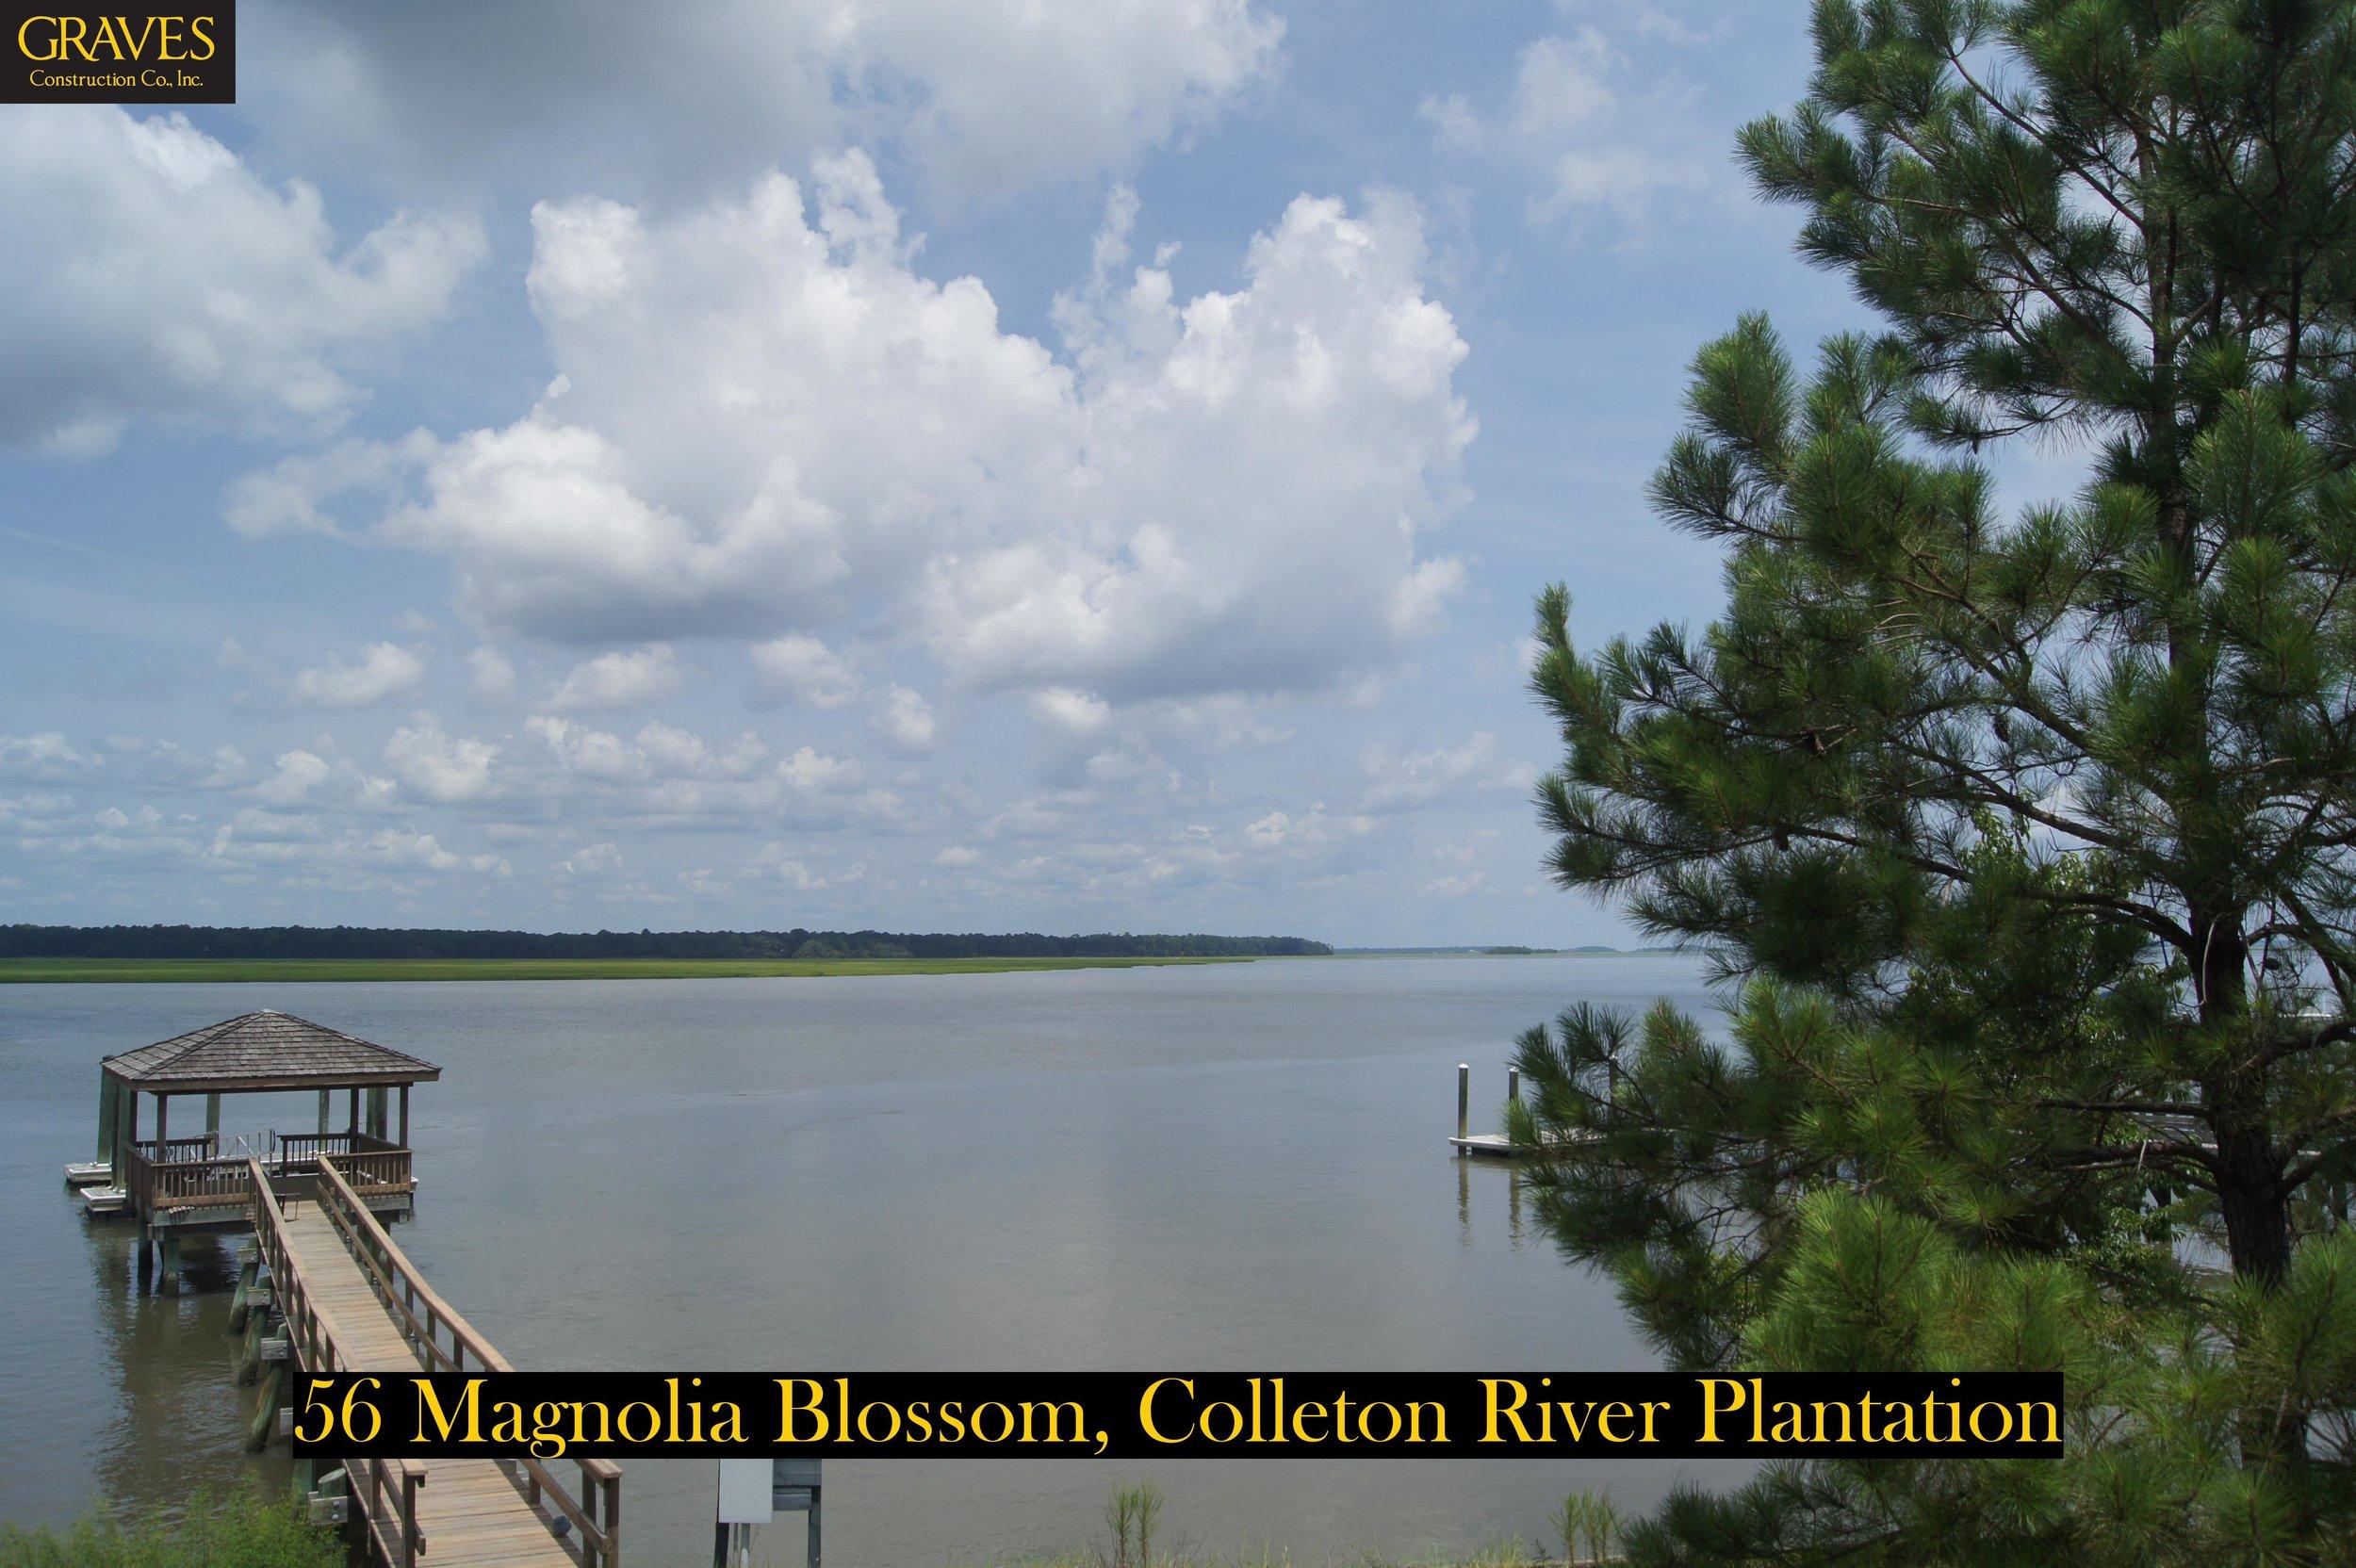 56 Magnolia Blossom - 6